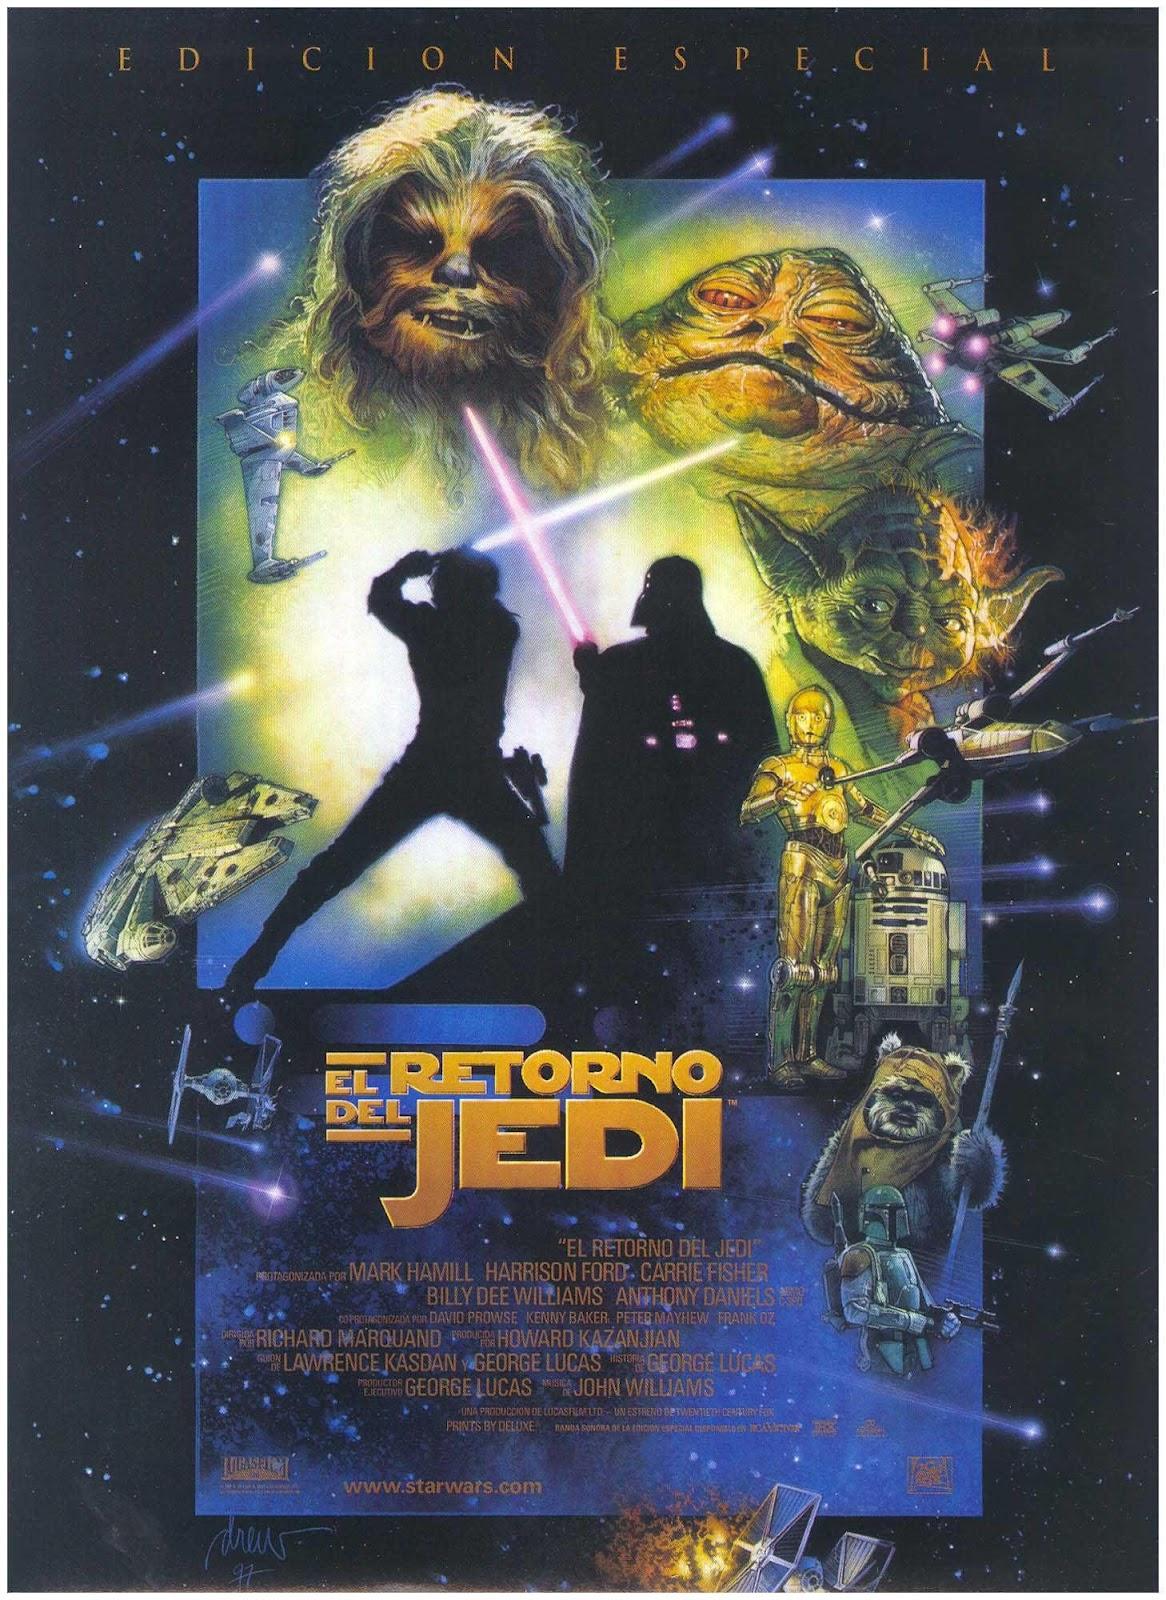 http://1.bp.blogspot.com/-9tISDZf05JU/T0IpAXLnumI/AAAAAAAACRo/lhhZoDntMTI/s1600/El+Retorno+del+Jedi+ED+ESP.jpg